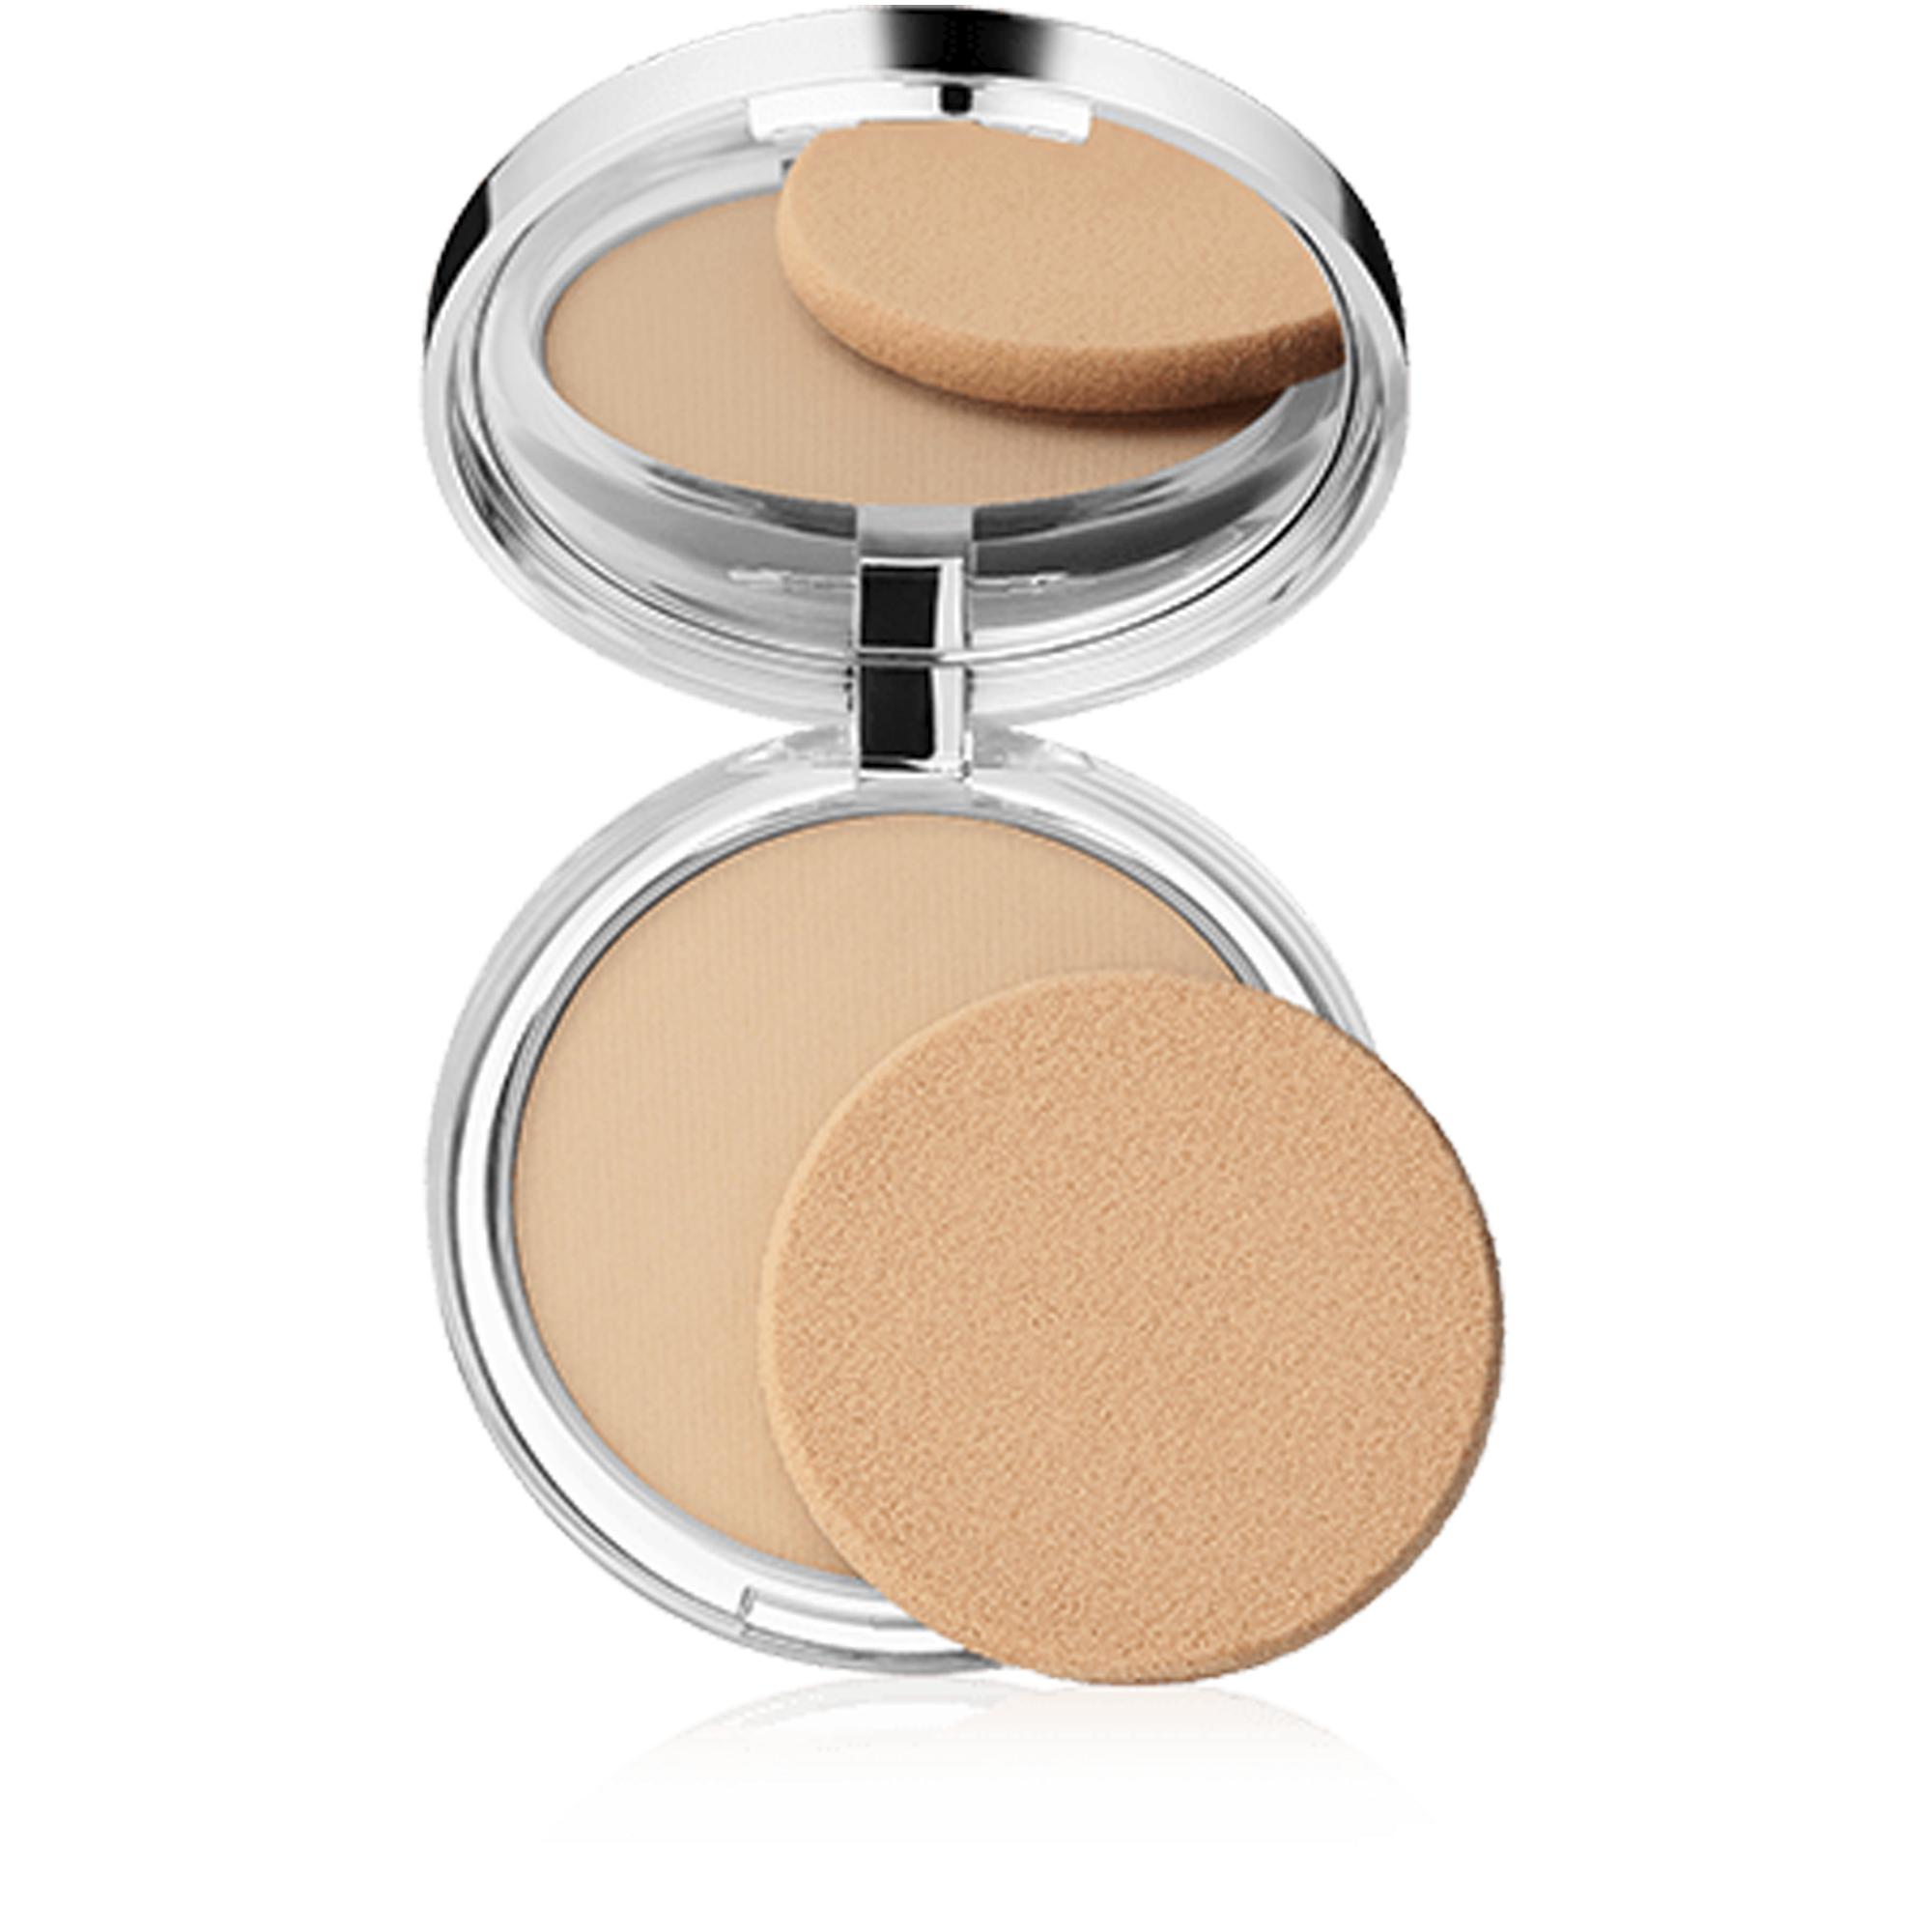 Clinique Superpowder/Double Face Powder, matte beige